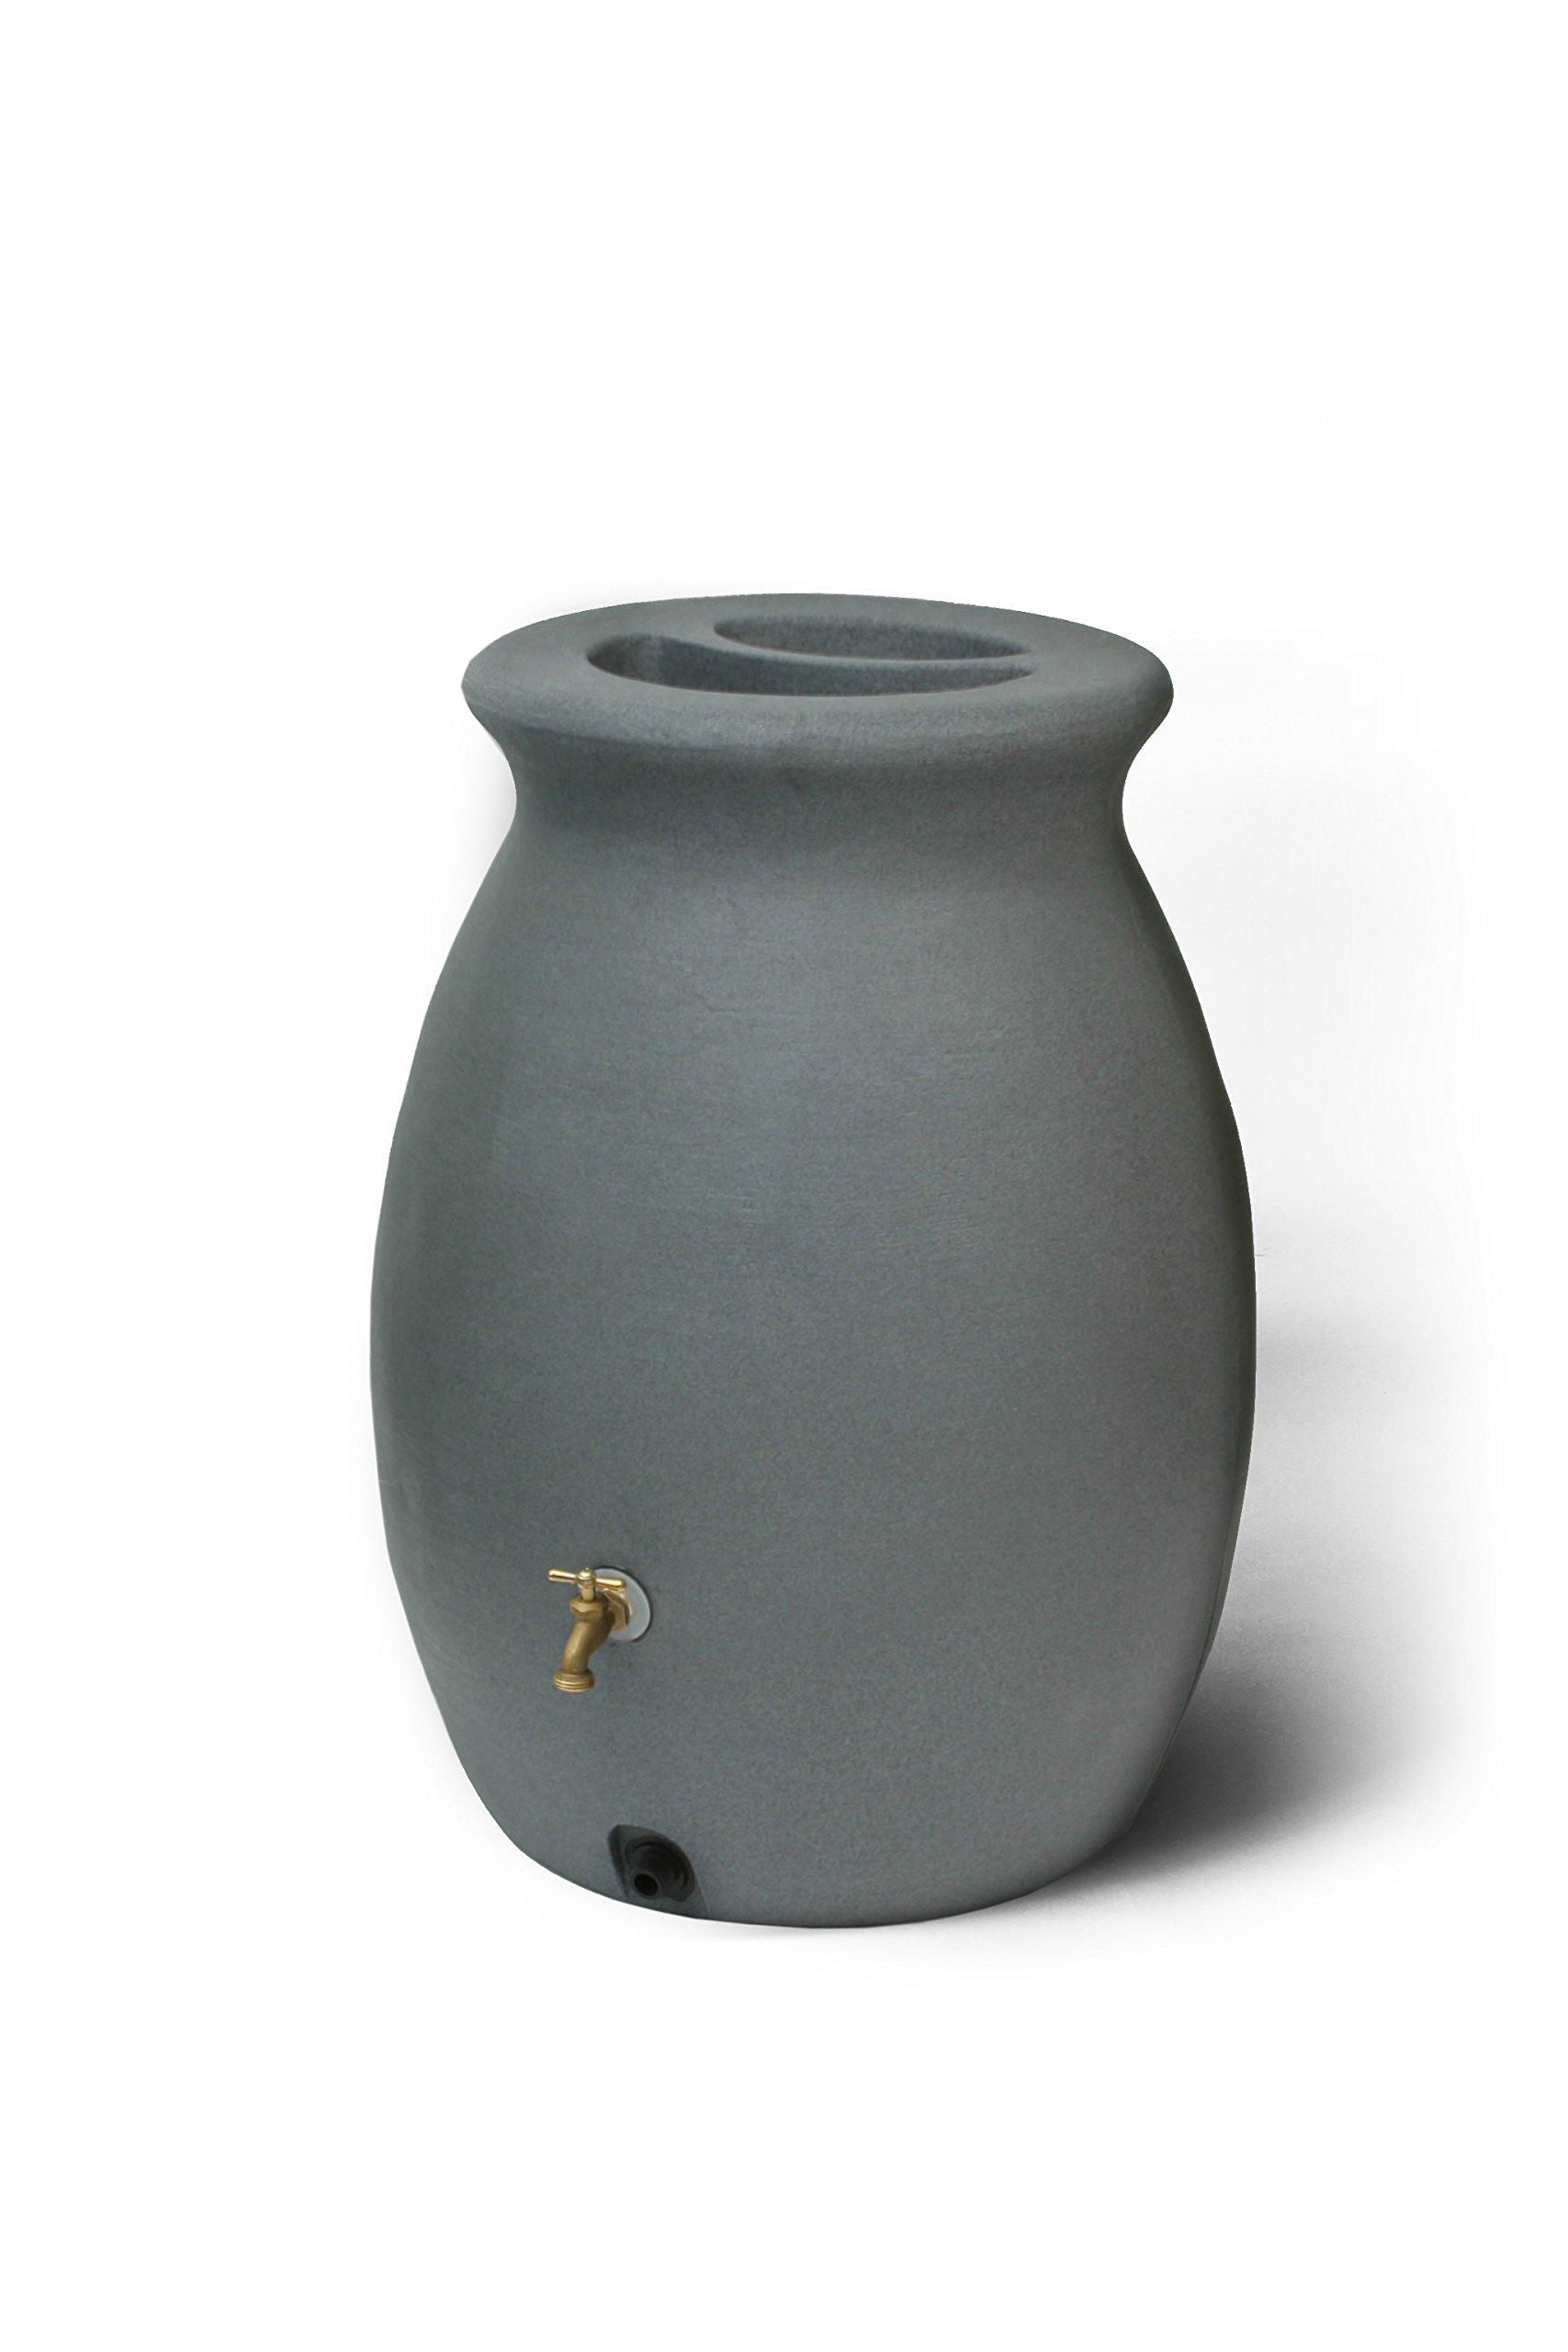 Algreen Products Castilla Rain Barrel 50-Gallon, Charcoalstone by Algreen